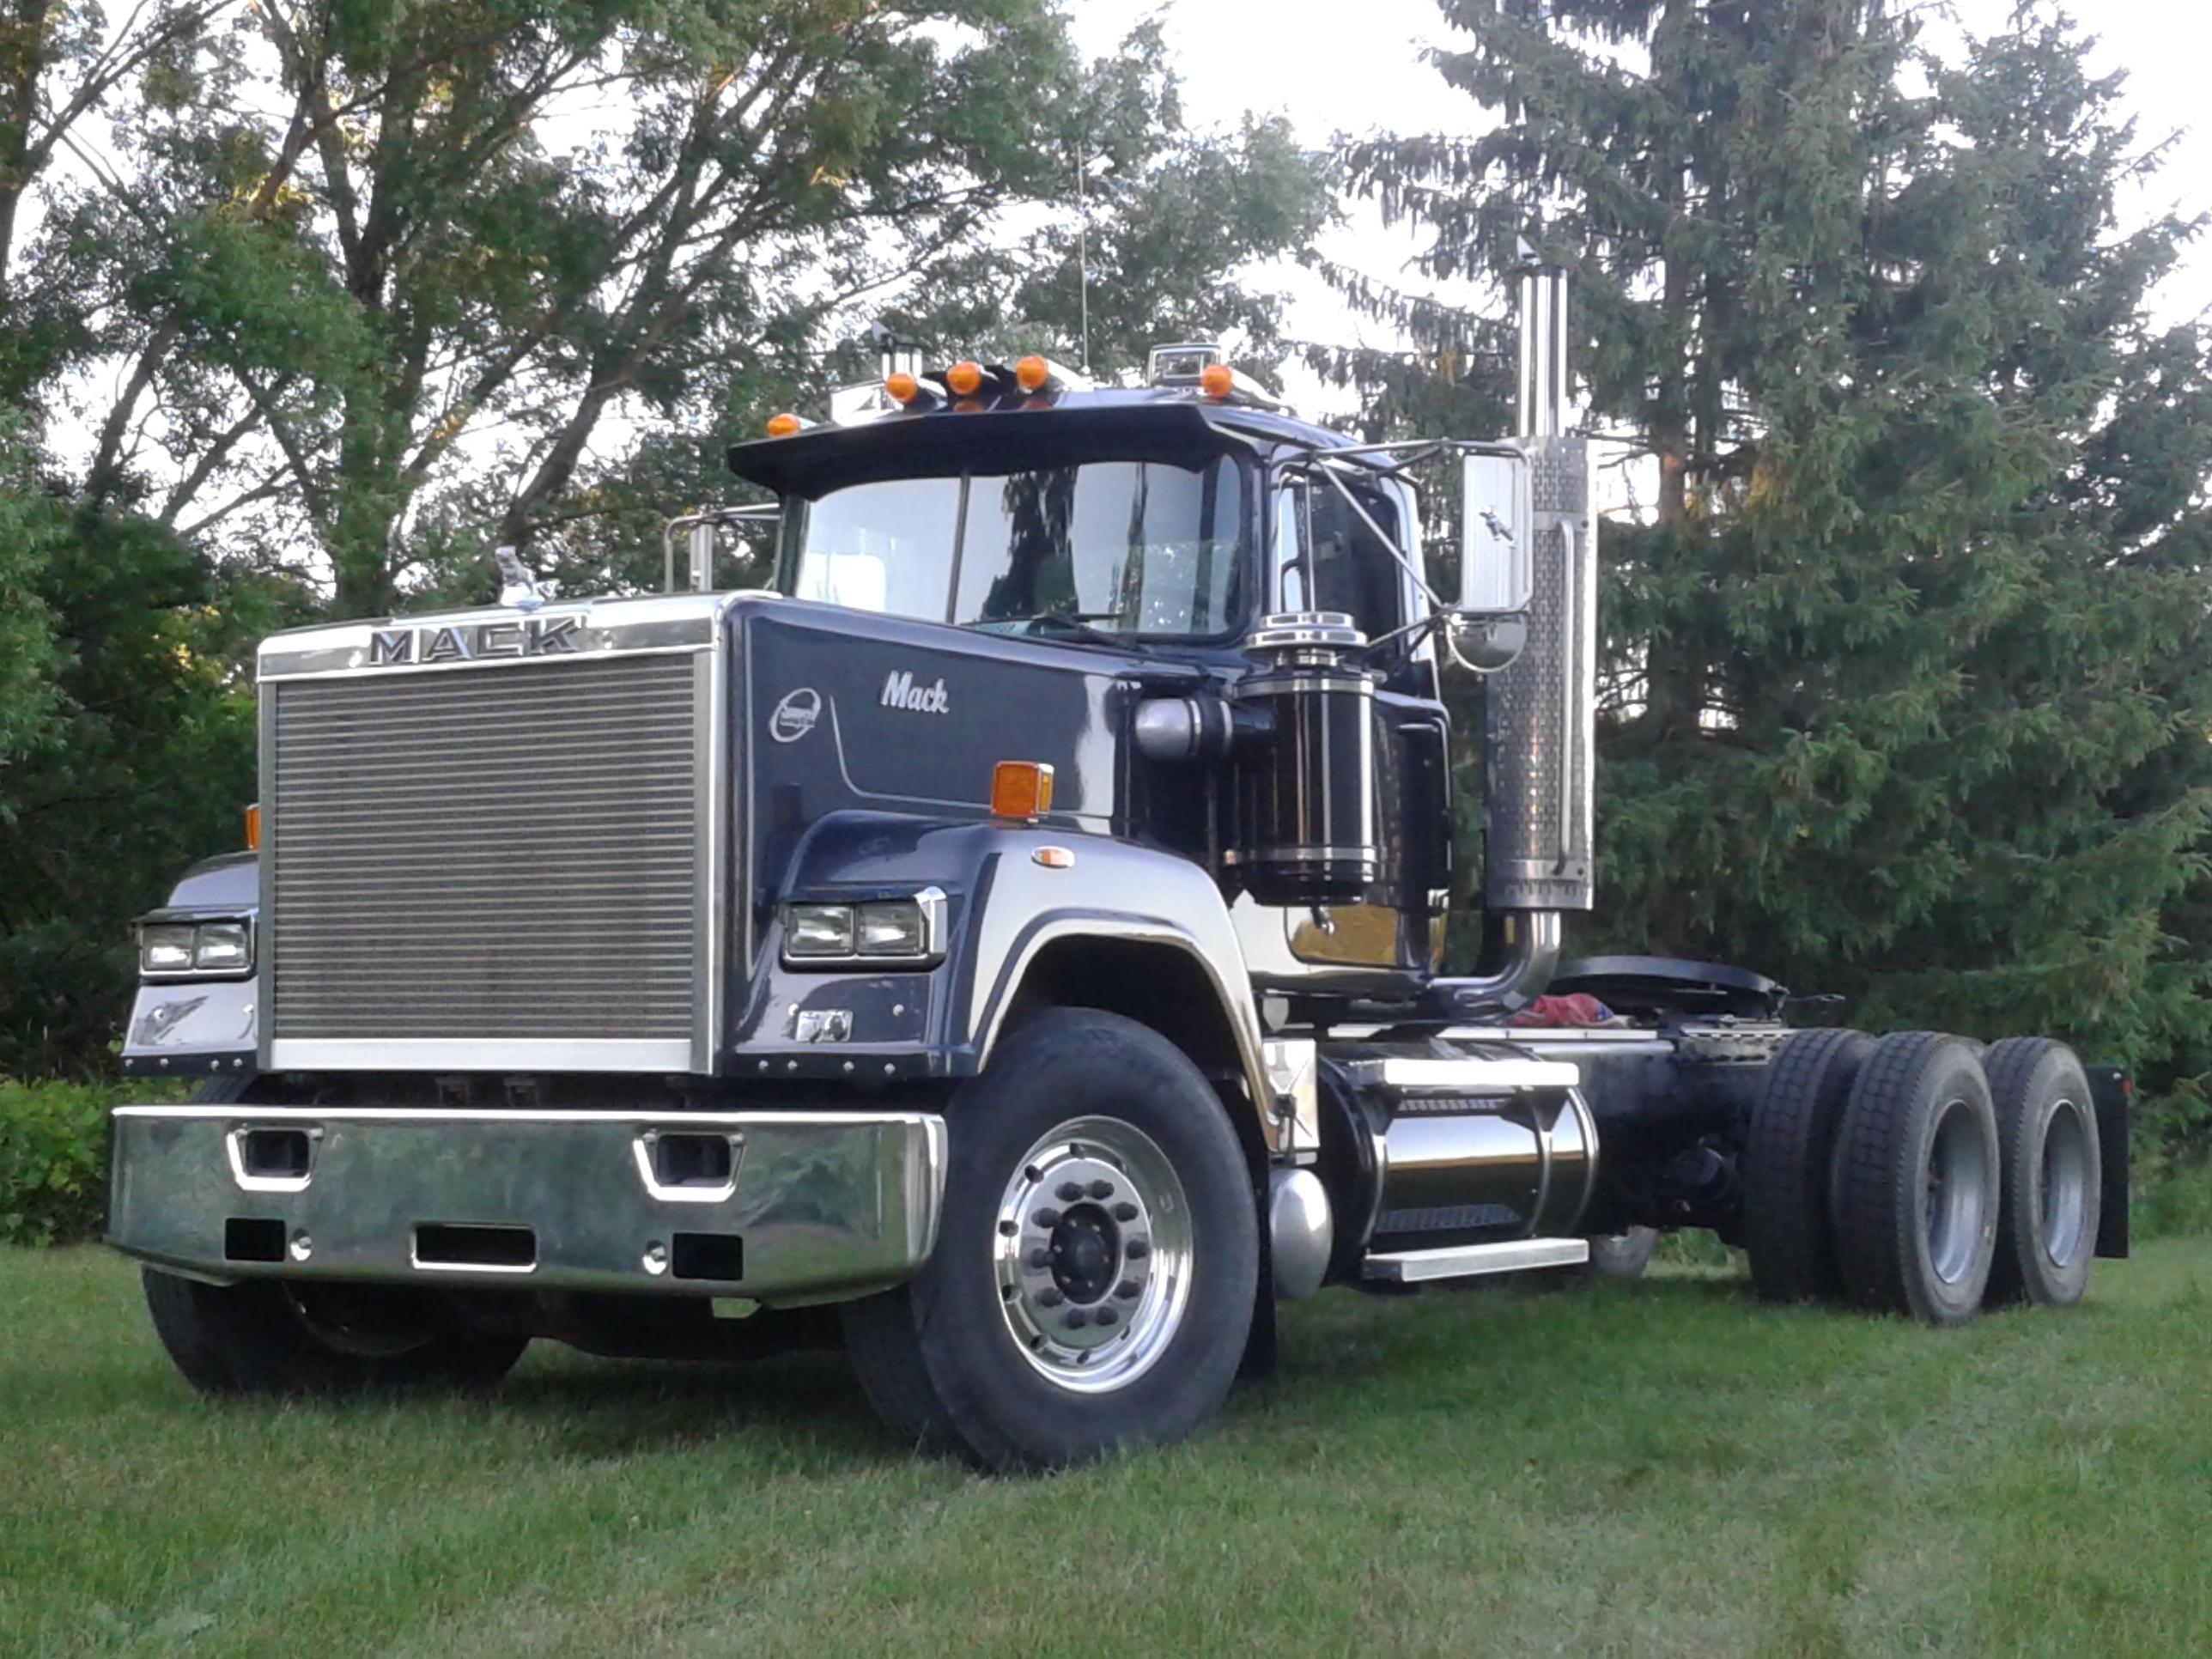 Trucks For Sale: 1990 MACK SUPERLINER RW713 FOR SALE